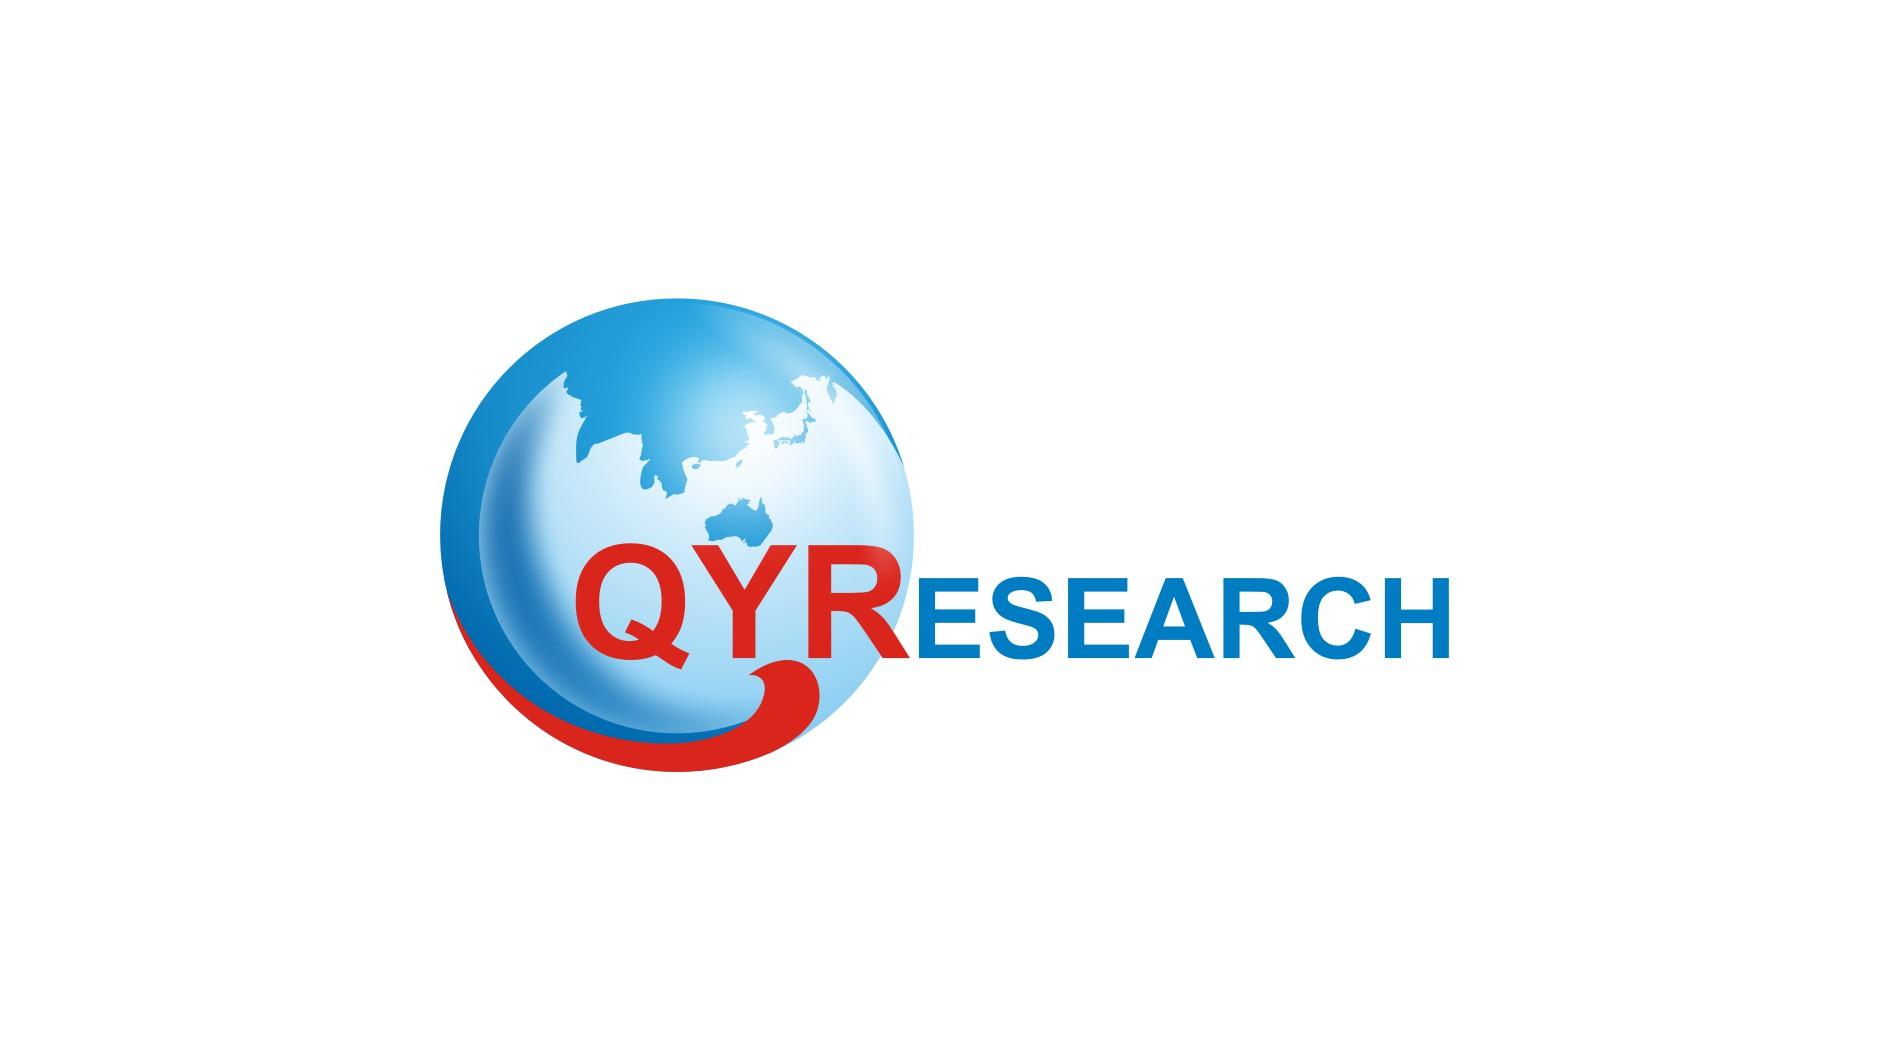 Polymermodifikatoren Markt prognostiziert bis zum Jahr 2025: QY Forschung